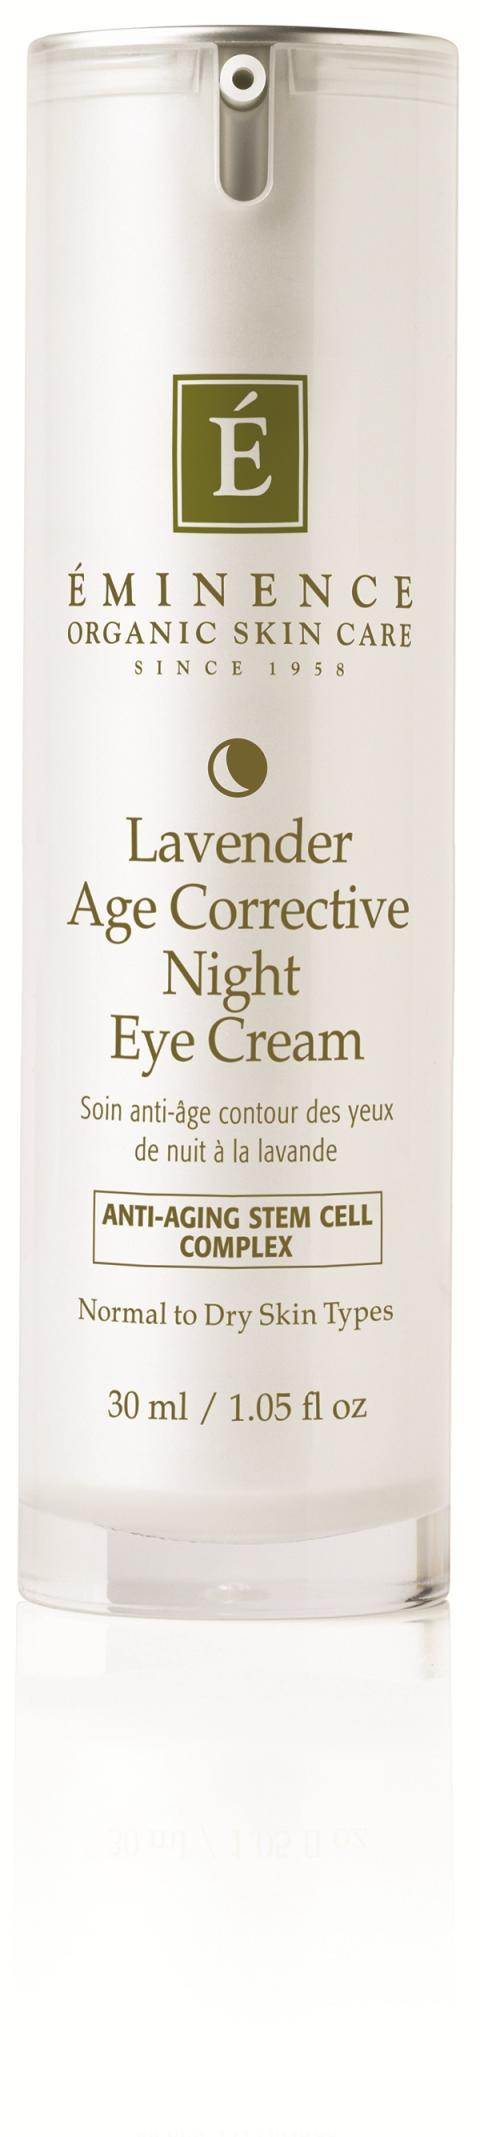 Éminence Lavender Age Corrective Eye Cream